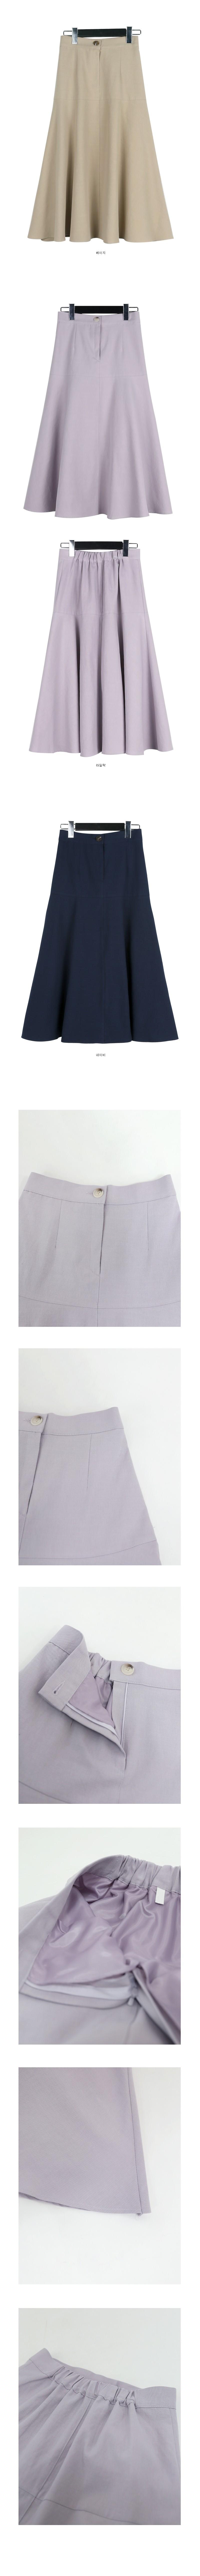 Soft flare skirt